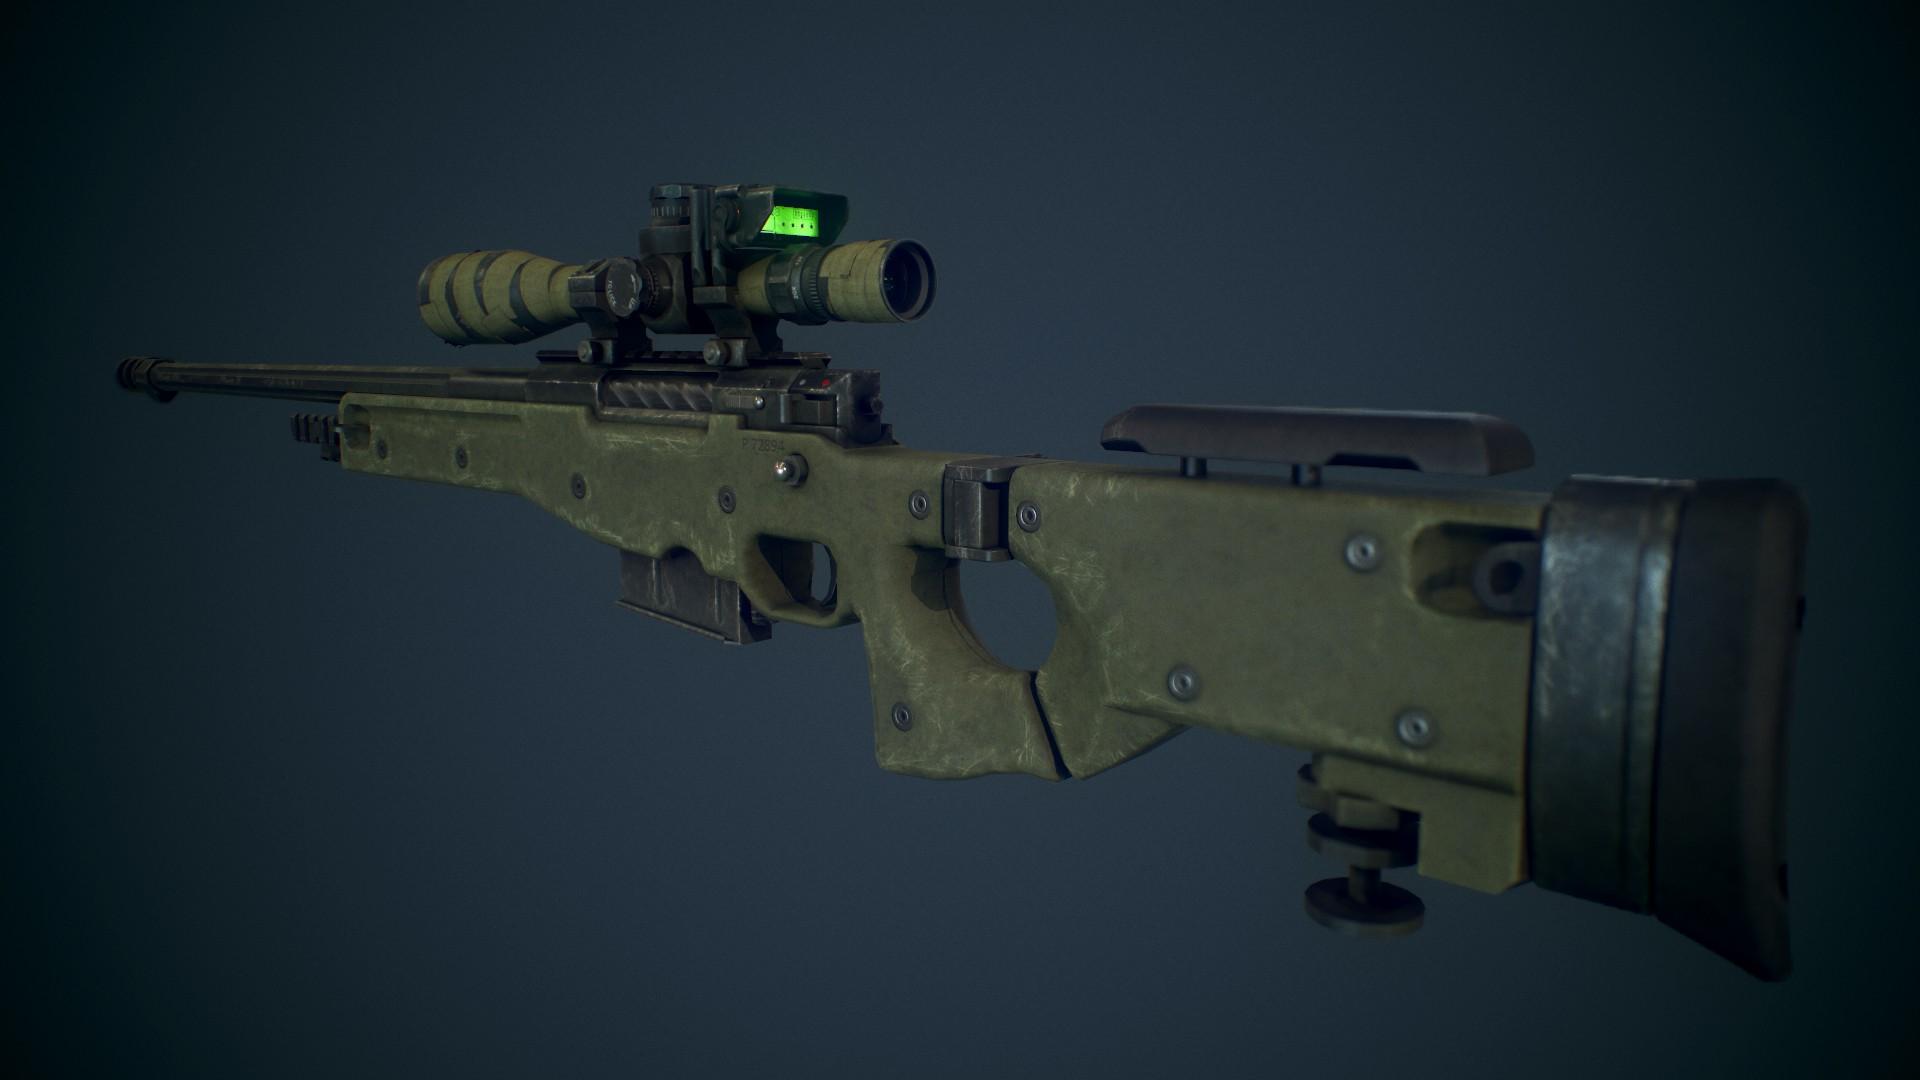 دانلود اسکین اسنایپ CoD:Ghosts L115A3 برای کانتر سورس